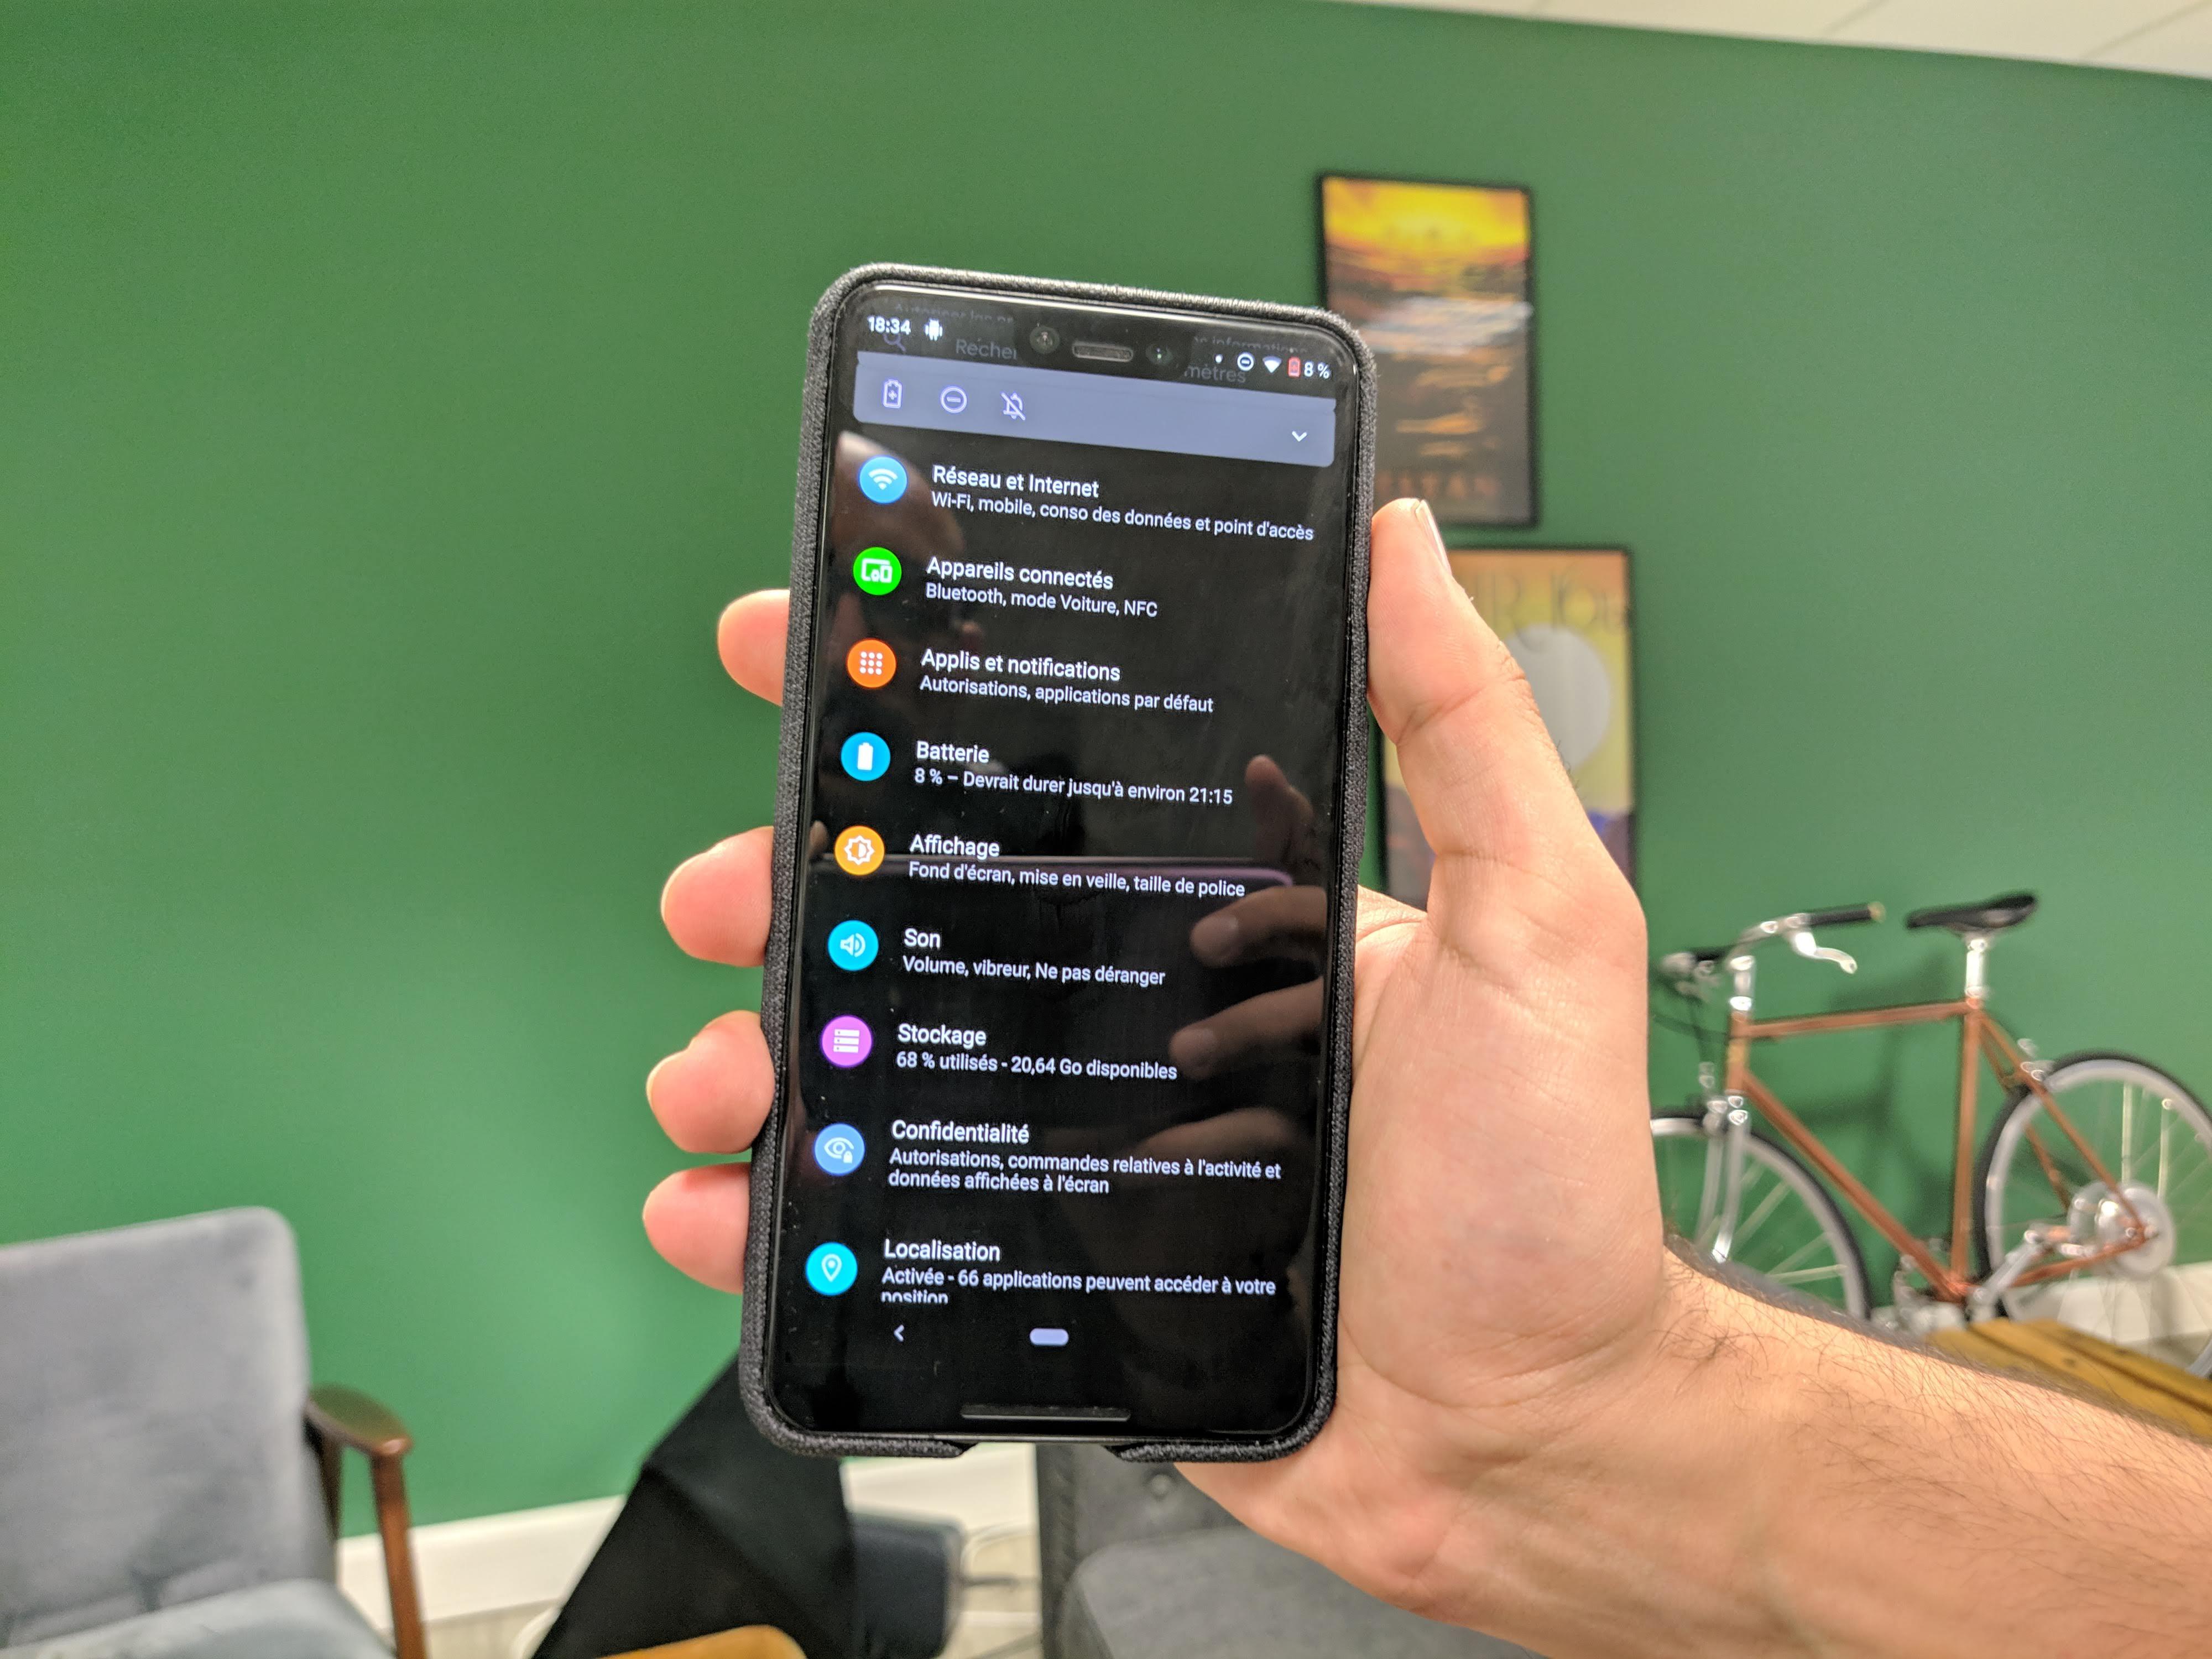 Android 10 Q : attendez-vous le thème sombre avec impatience ? – Sondage de la semaine